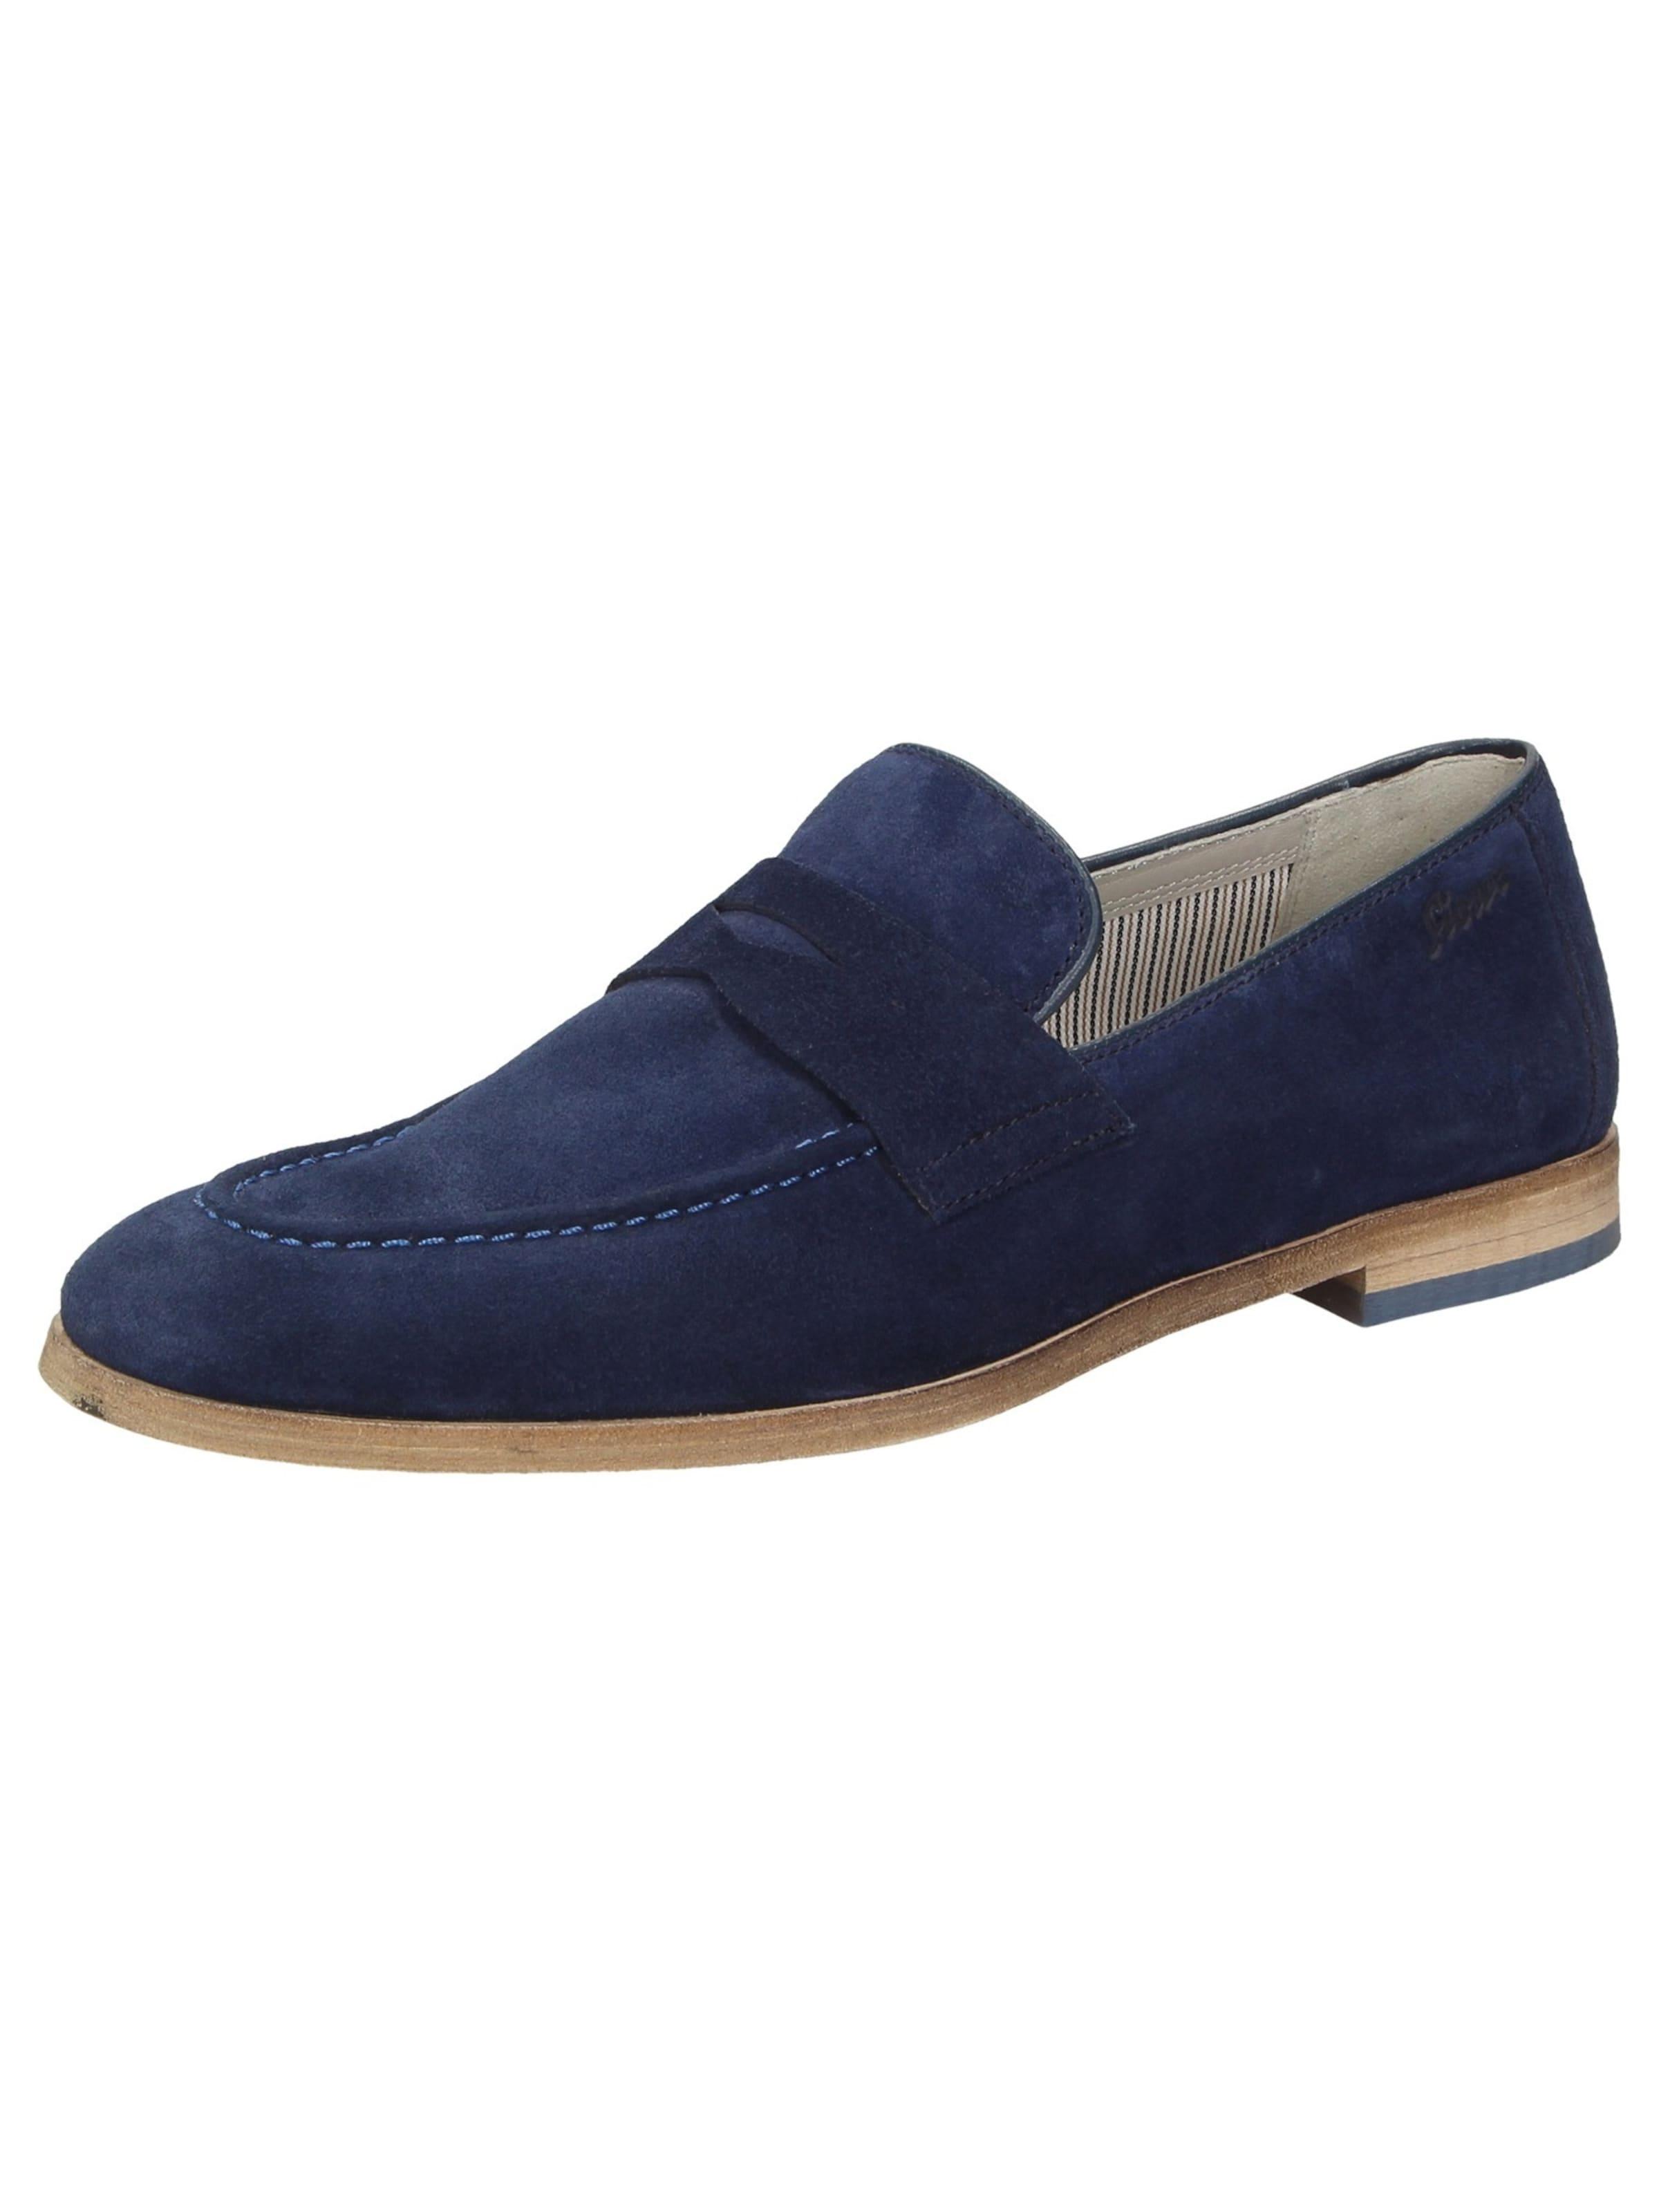 SIOUX Slipper Banjano-700 Verschleißfeste billige Schuhe